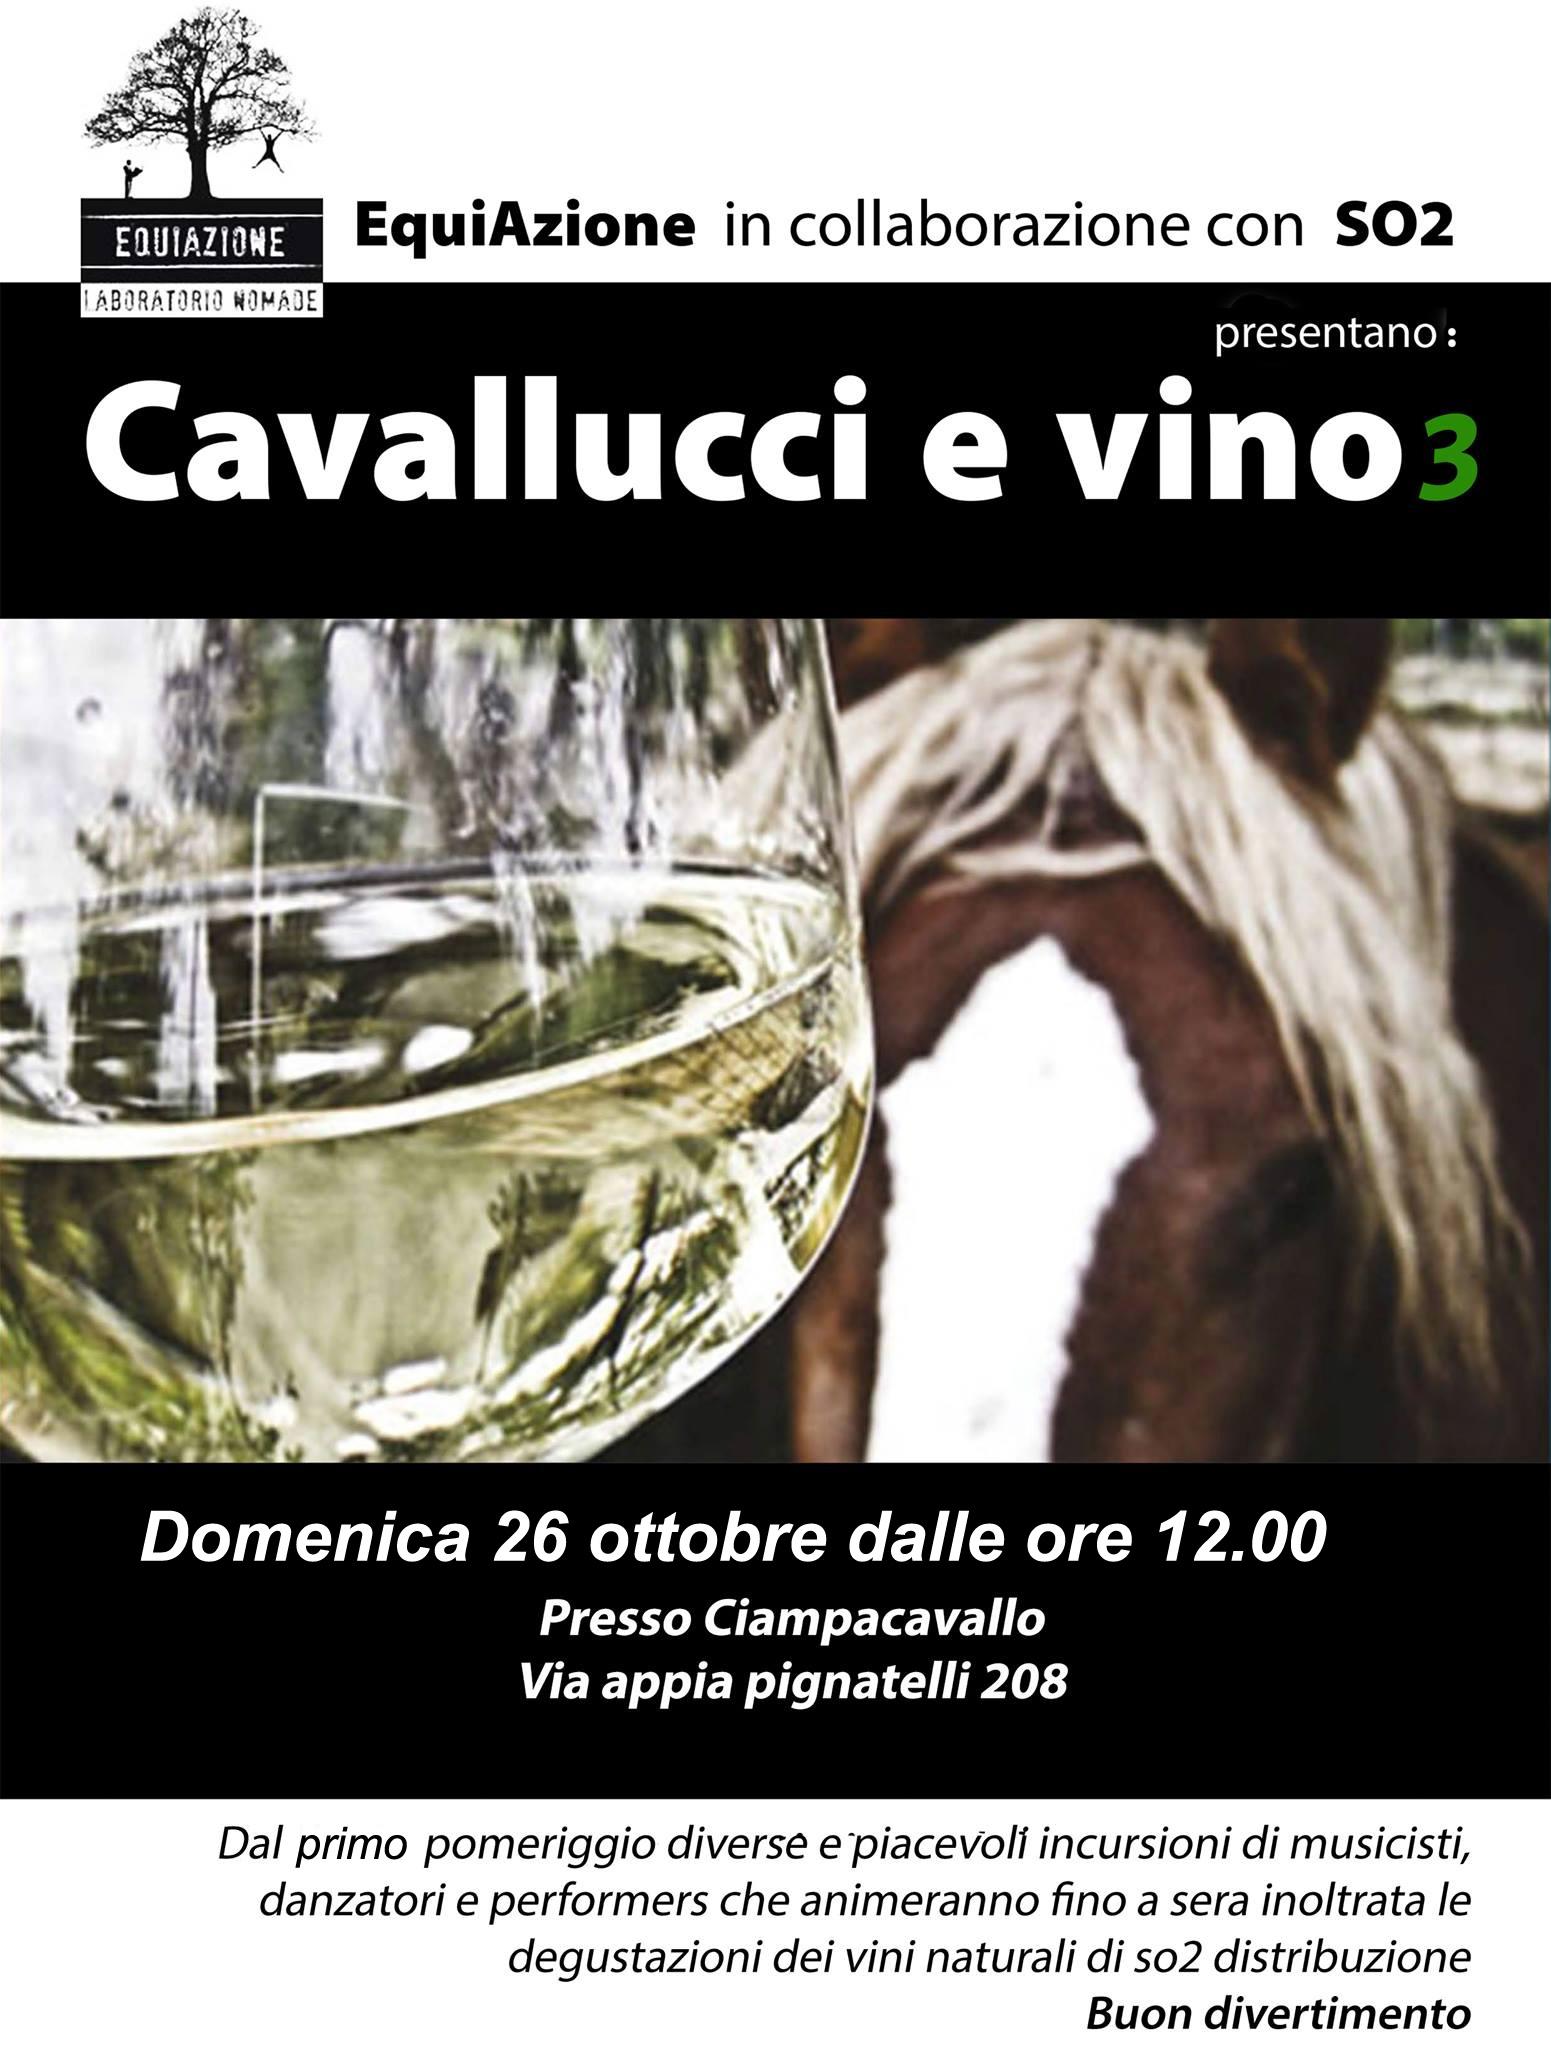 tarallucci_e_vino_3